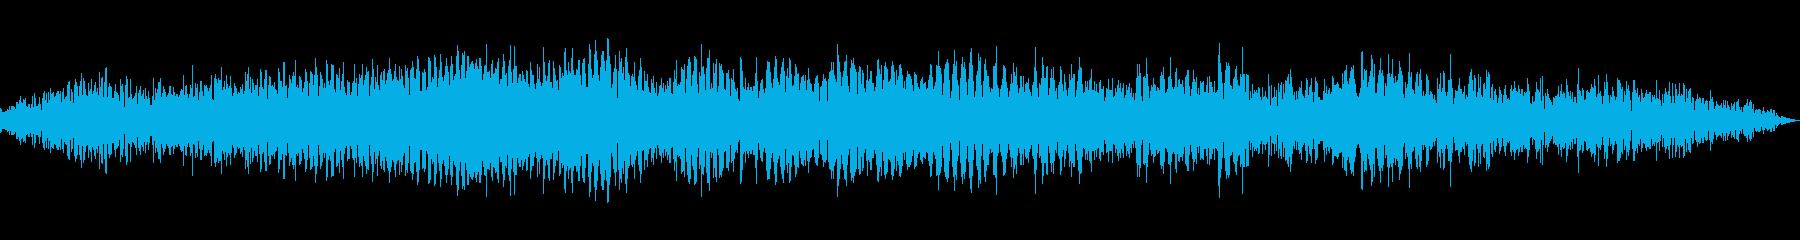 ゴーストリーグロール6の再生済みの波形